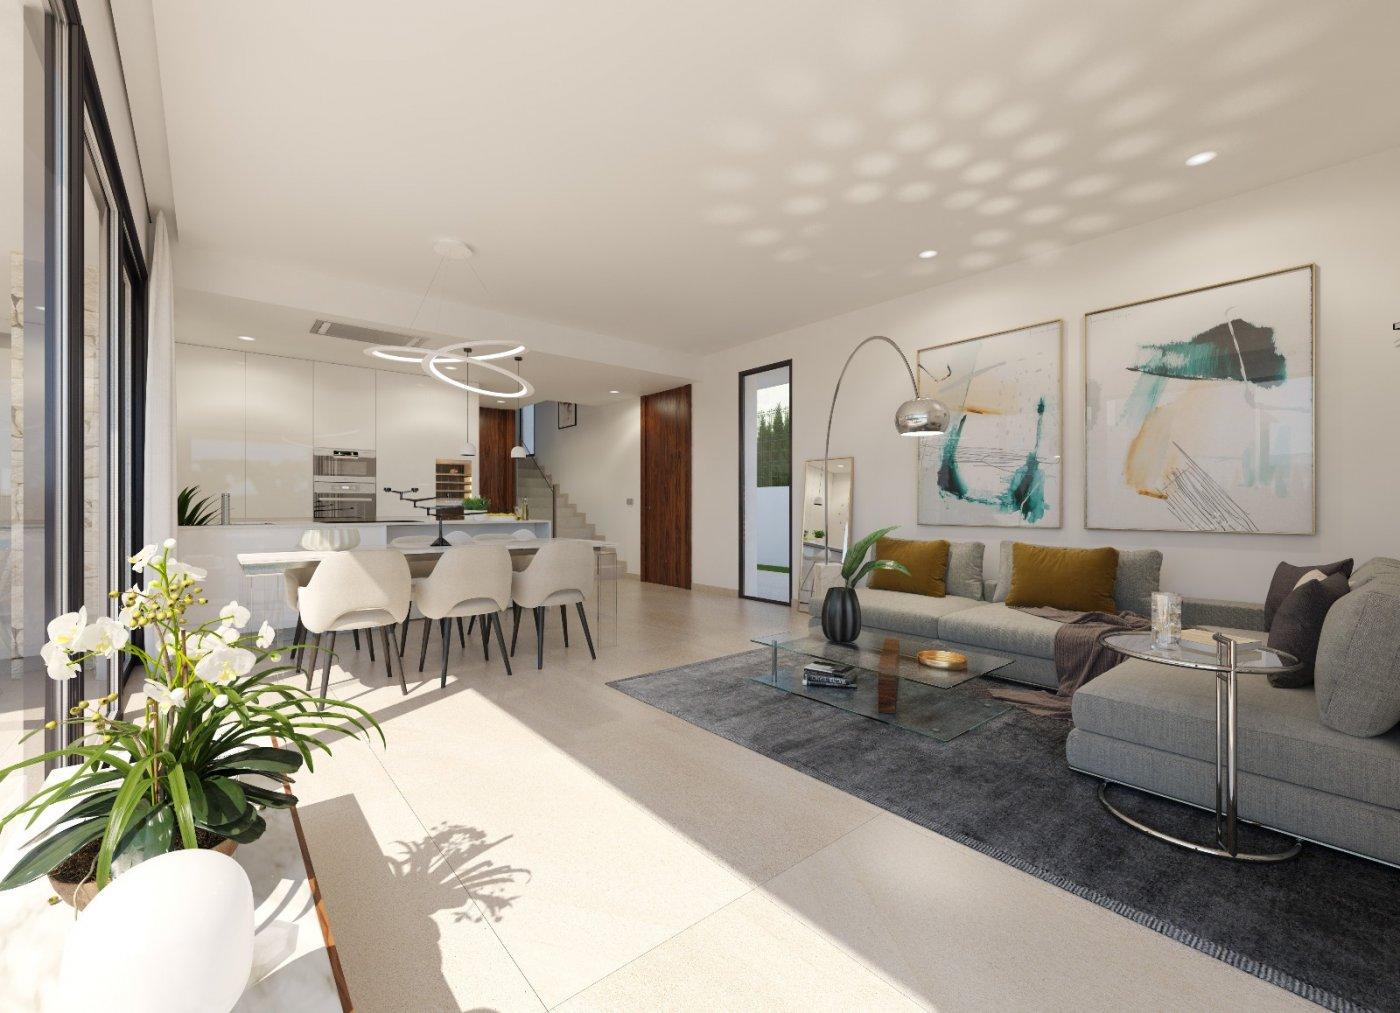 Villas de obra nueva modernas con vistas al mar en sierra cortina - imagenInmueble7